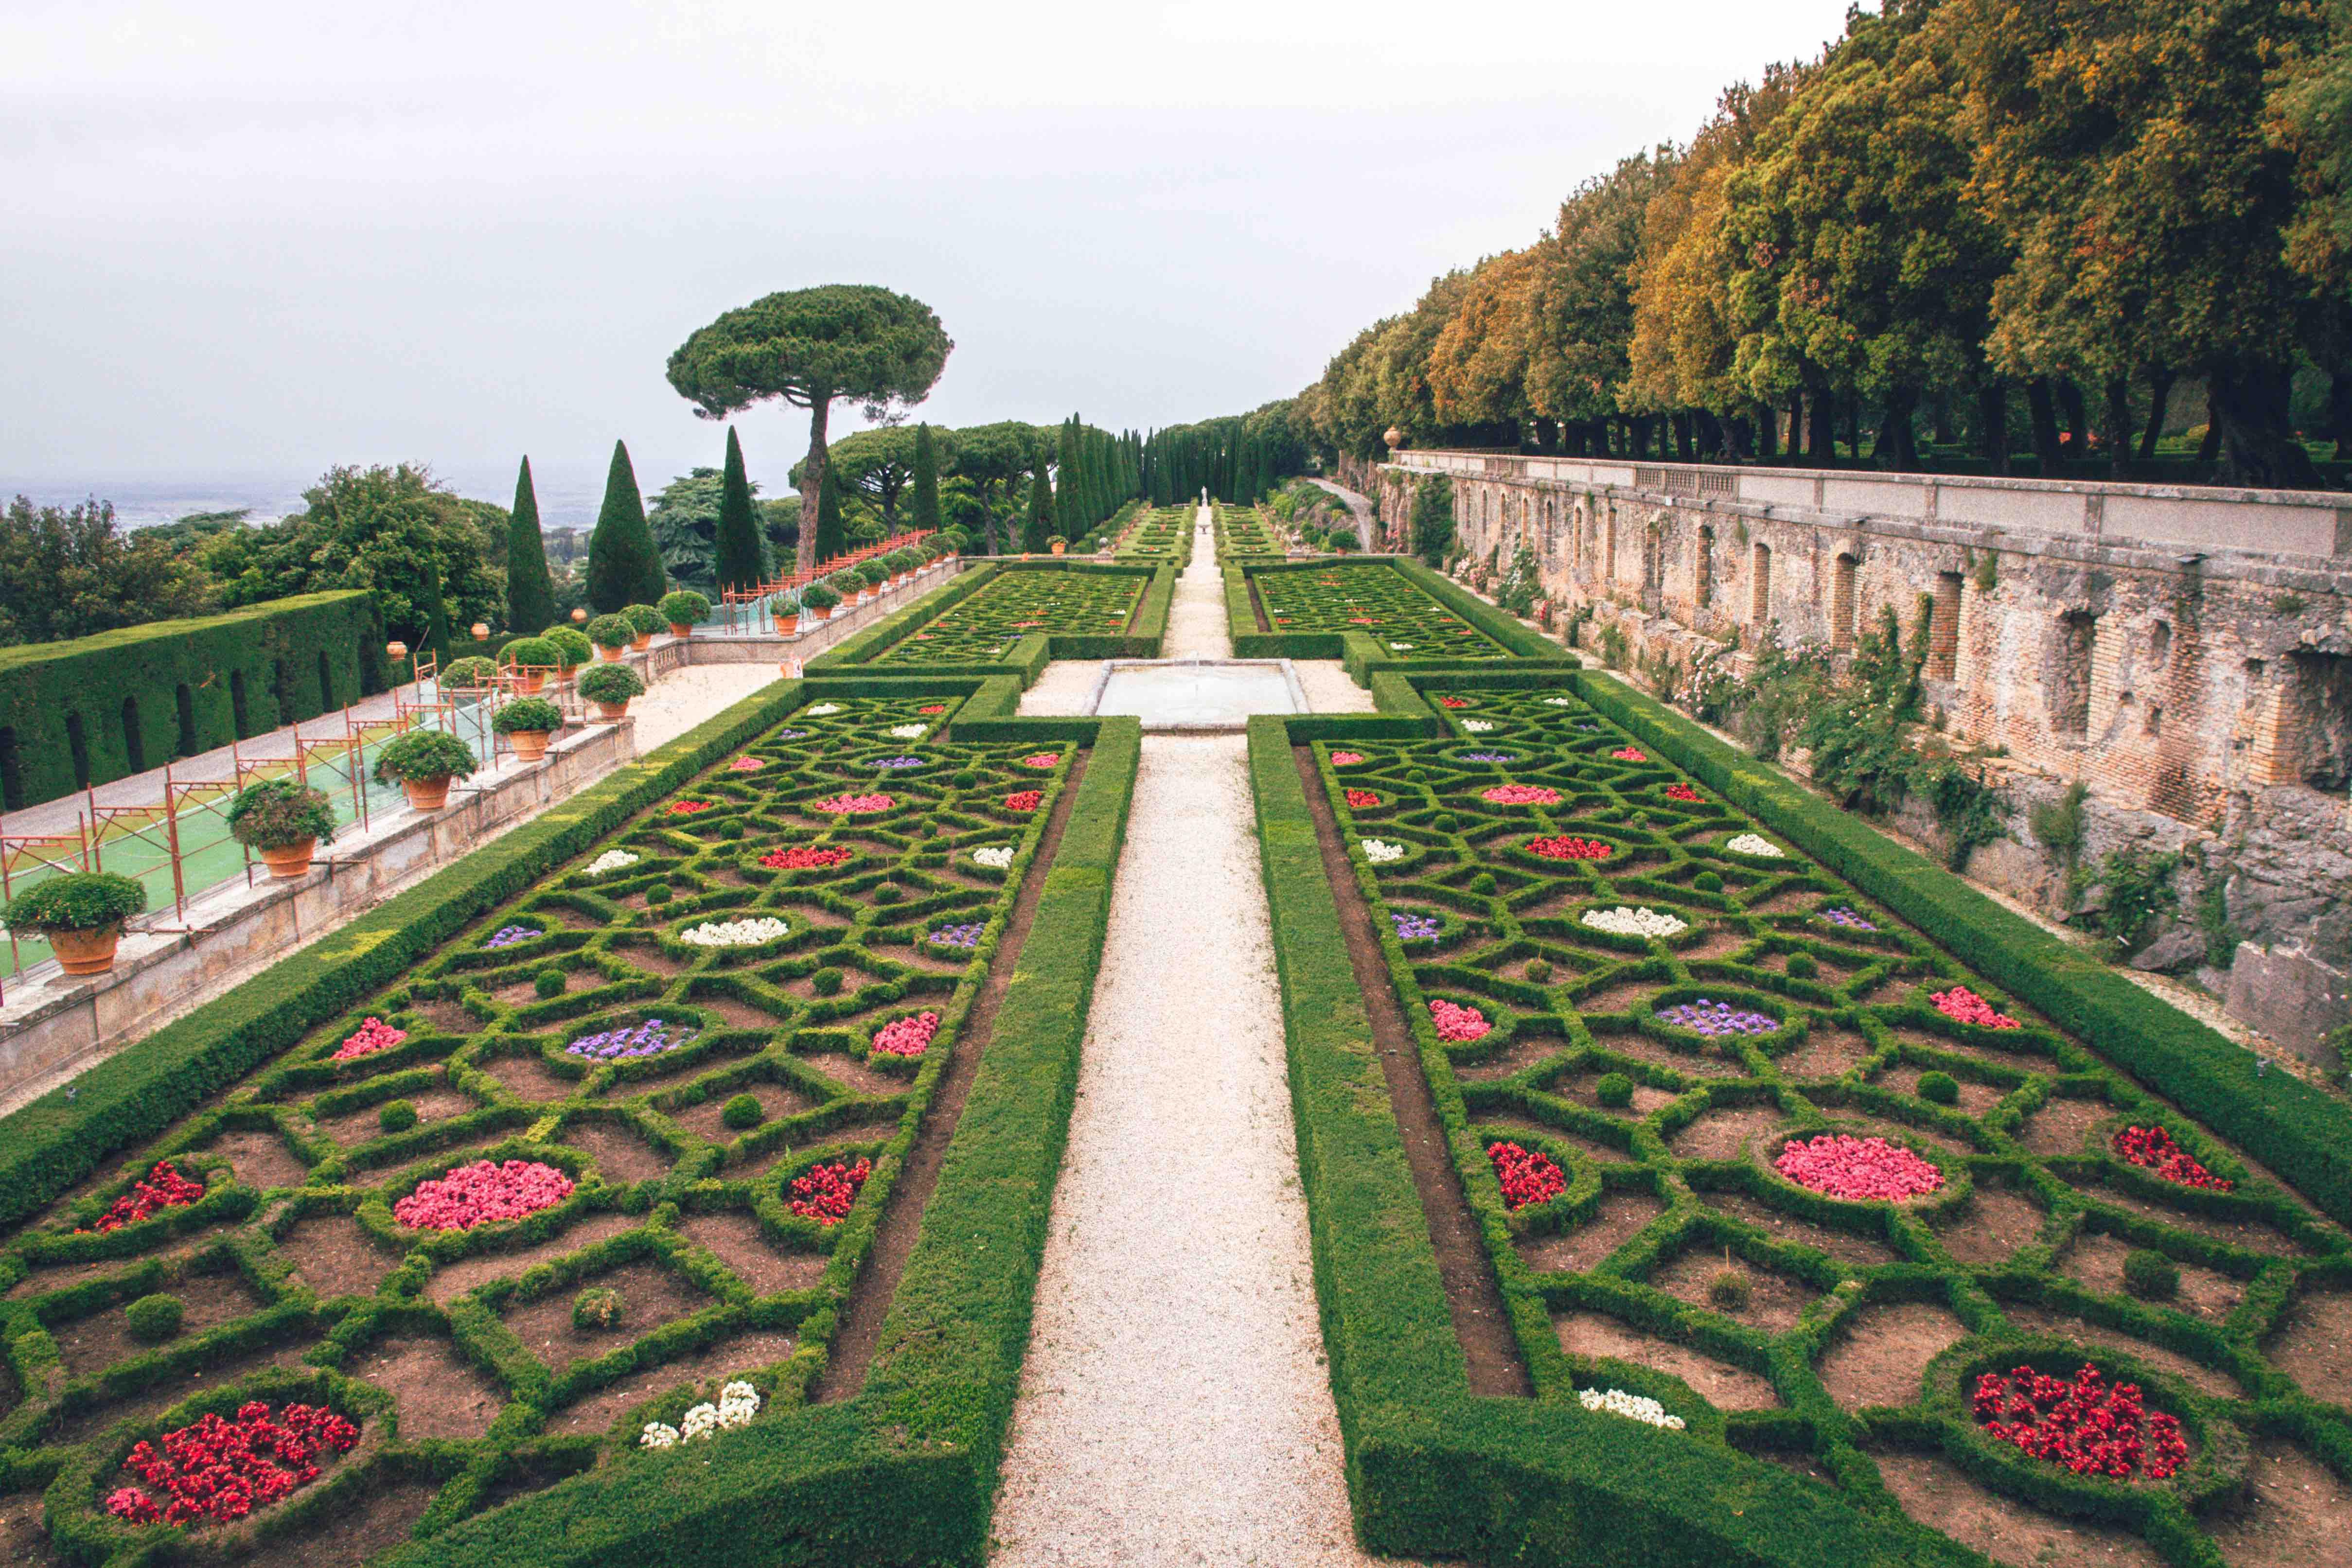 Cosa vedere ai Castelli Romani: giardino all'italiana